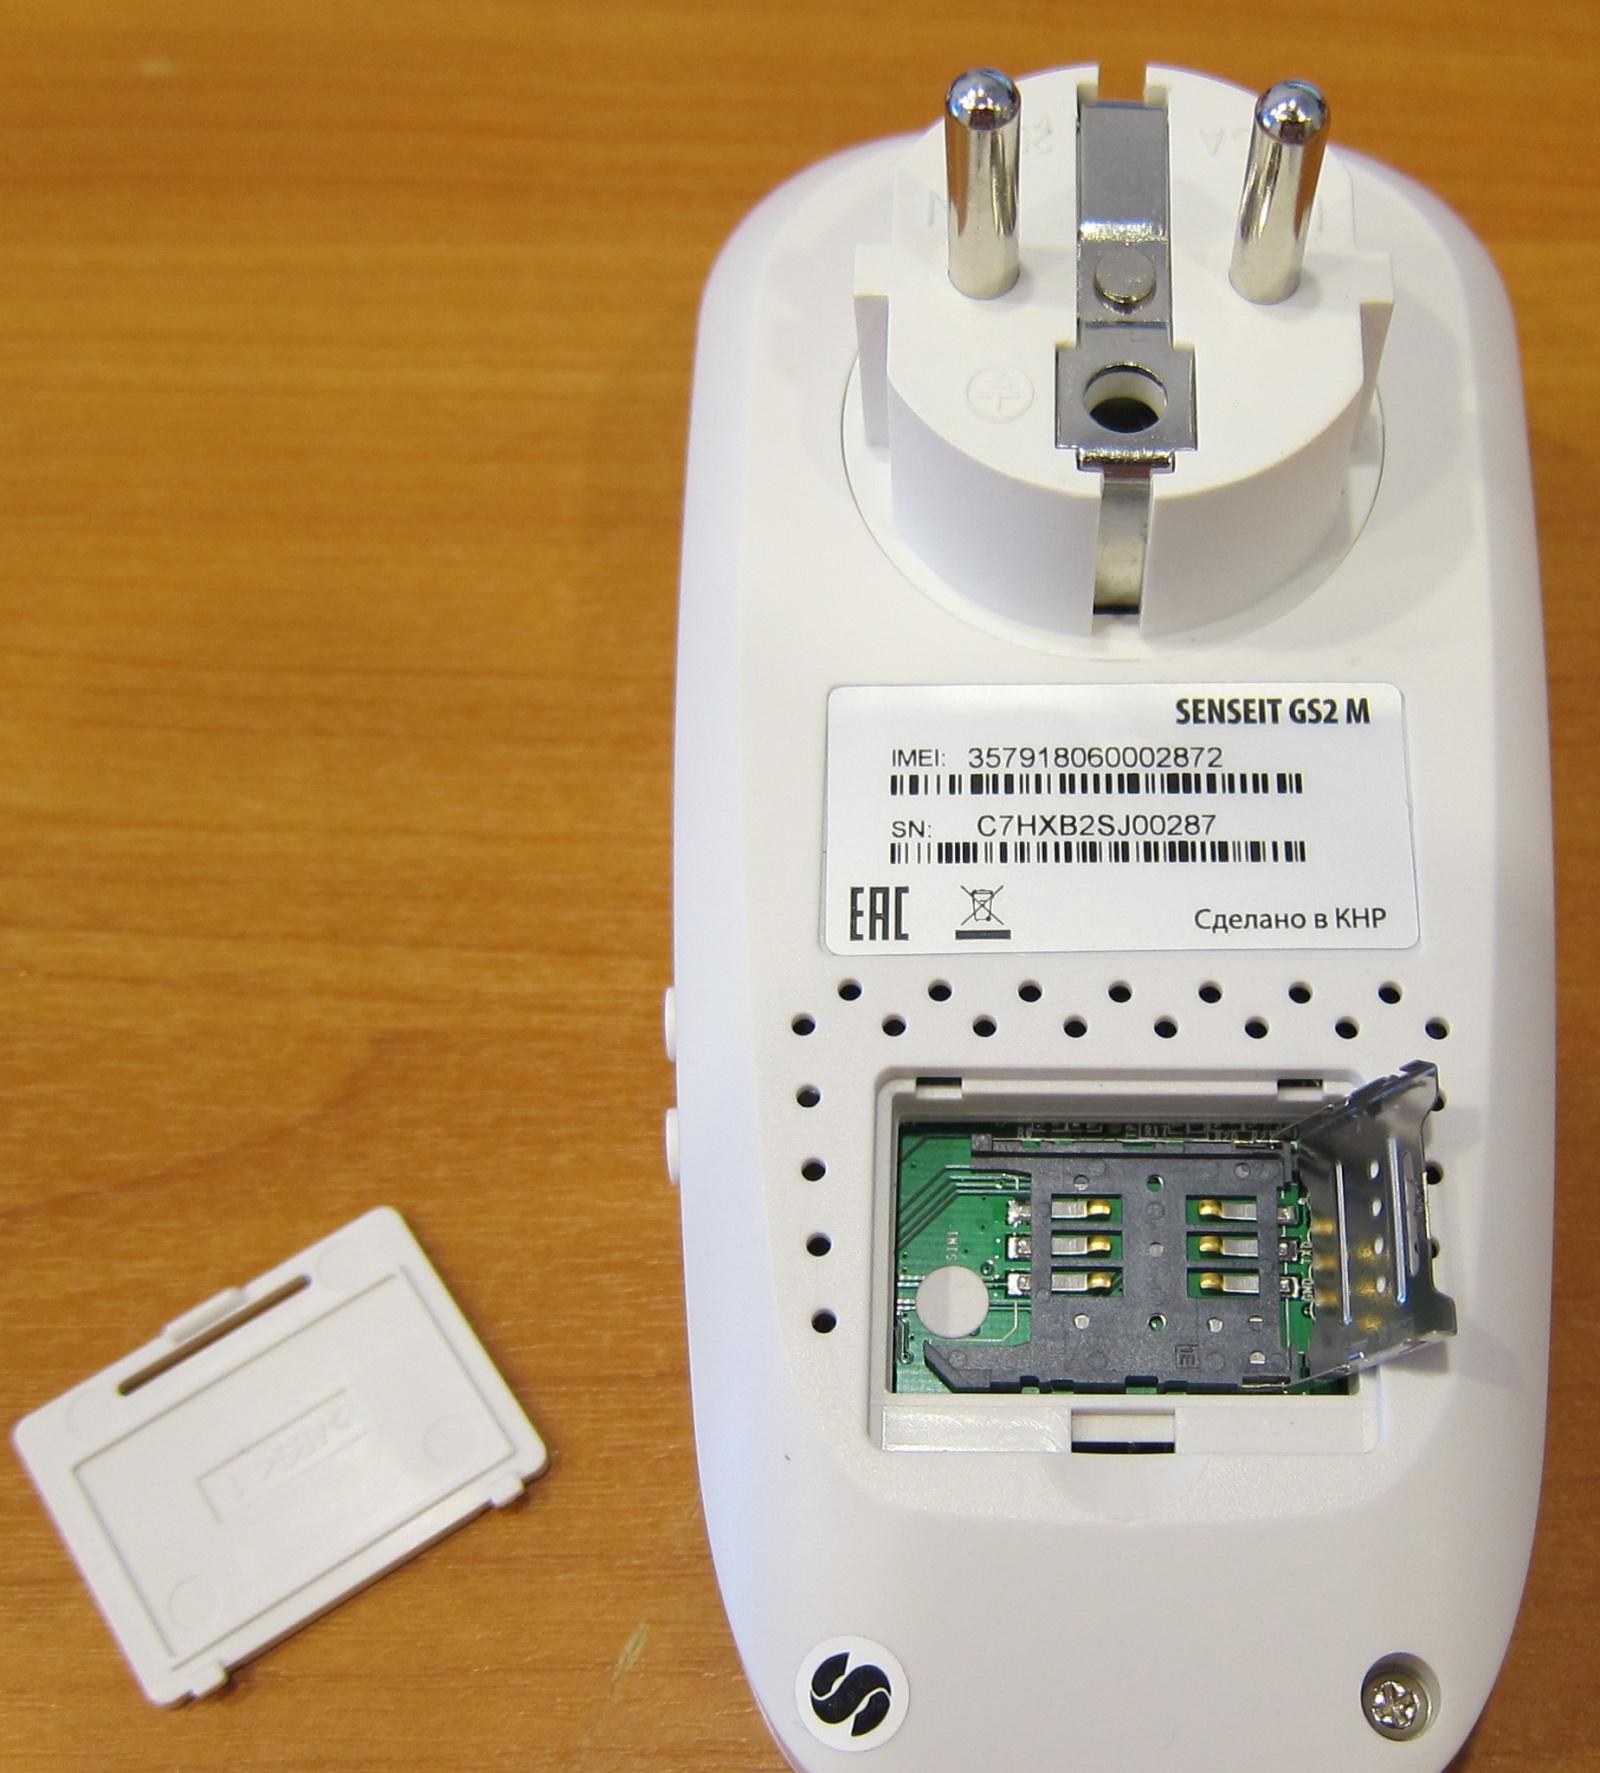 Обзор GSM розетки Senseit GS2 M - 3